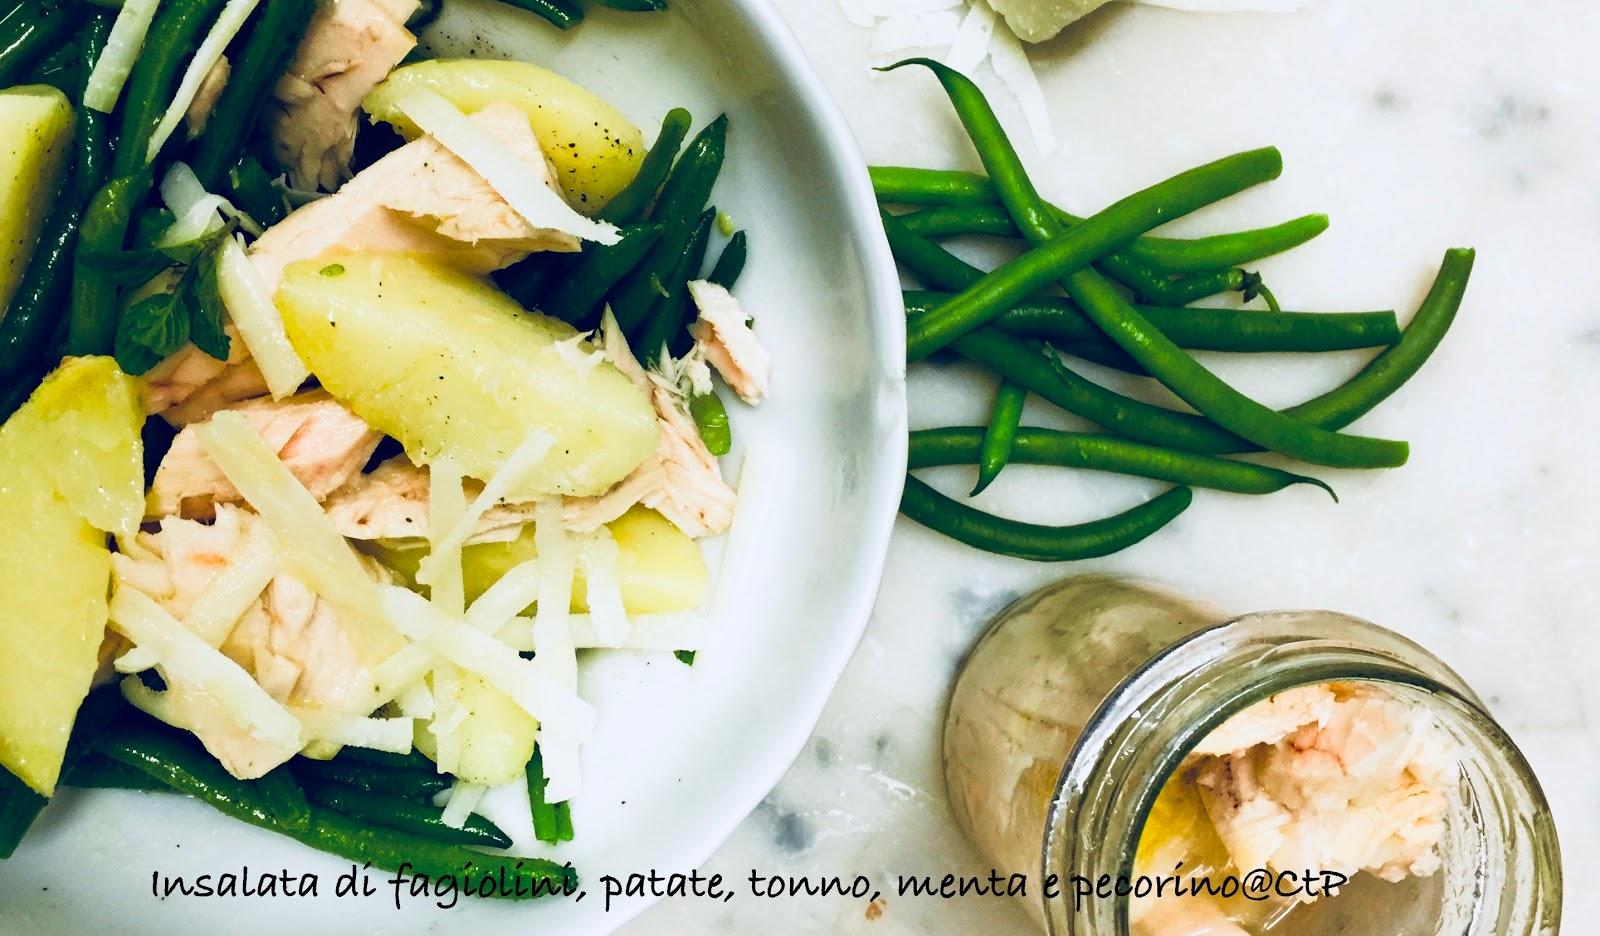 Insalata di fagiolini, patate, tonno, menta e pecorino alessandra ruggeri